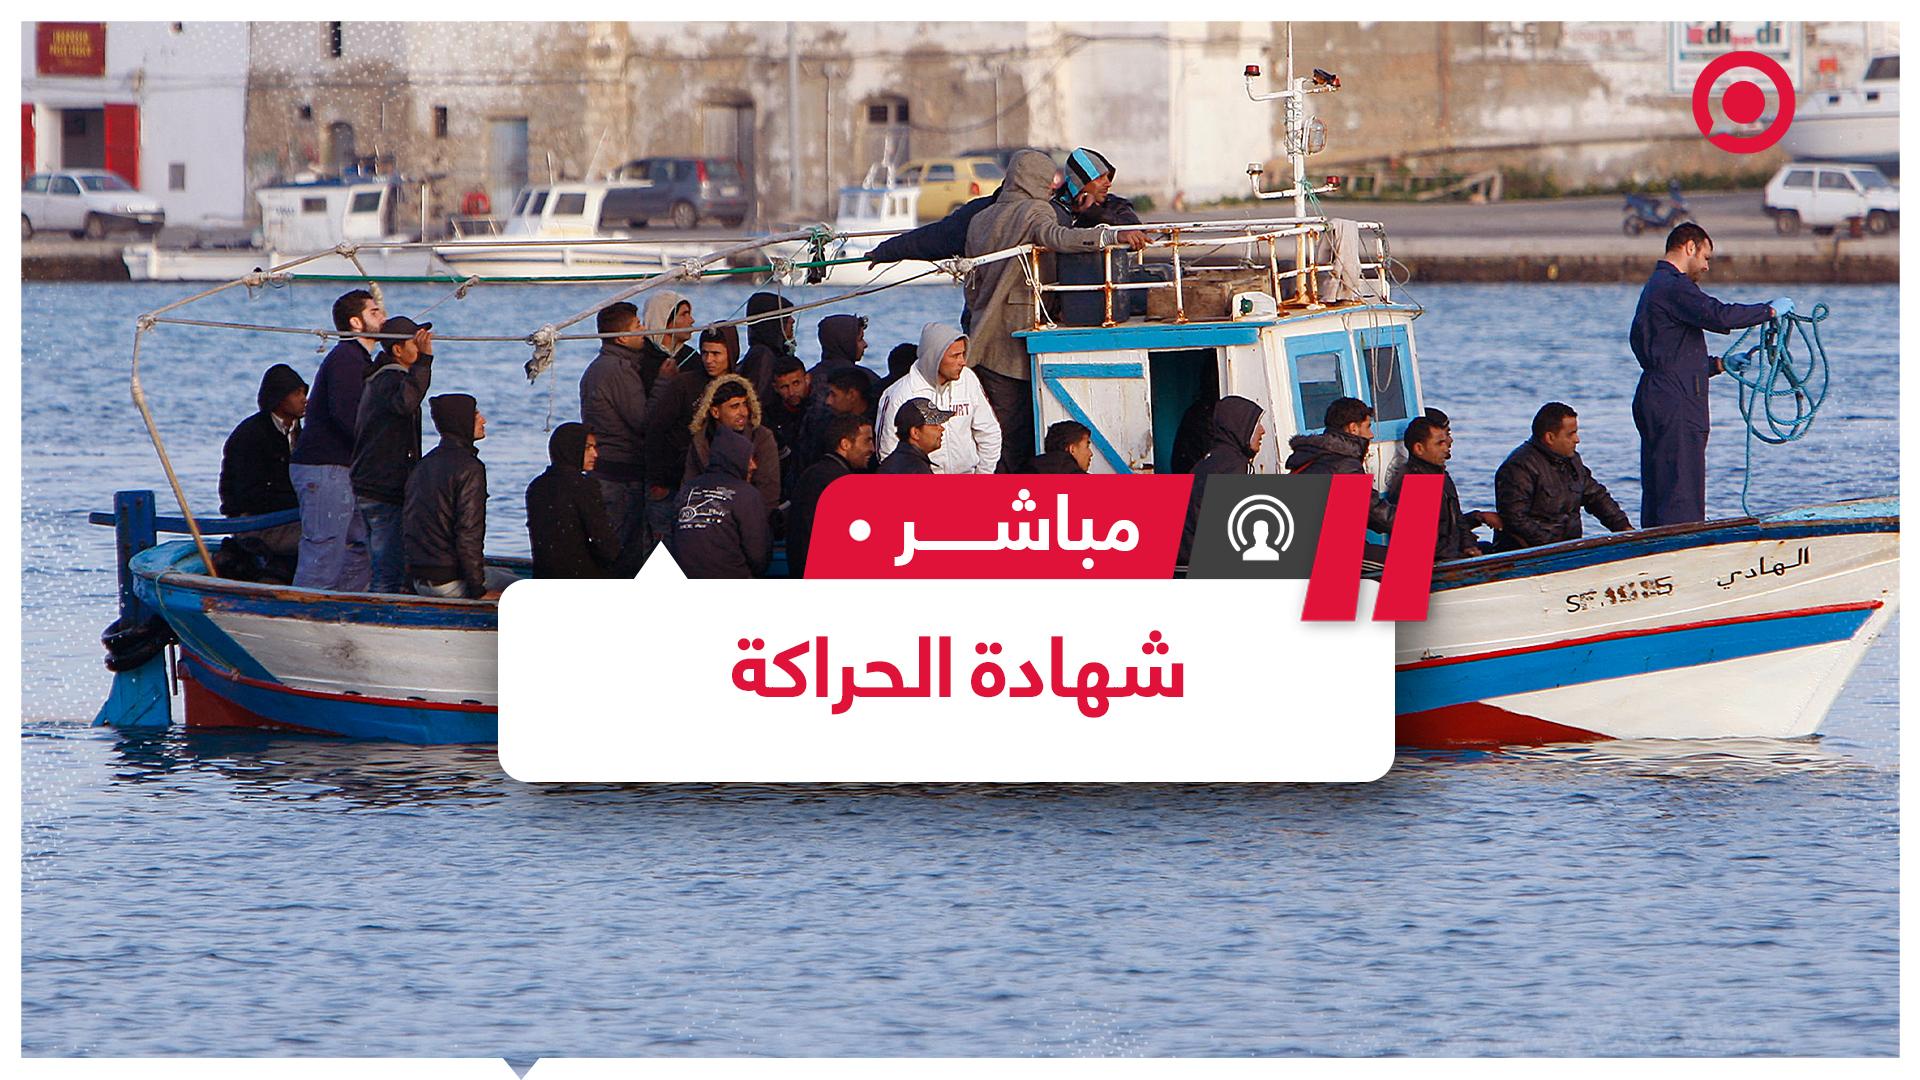 مهاجرون مغاربة يرددون الشهادة وسط البحر فيديو متداول يفتح ملف الهجرة غير الشرعية